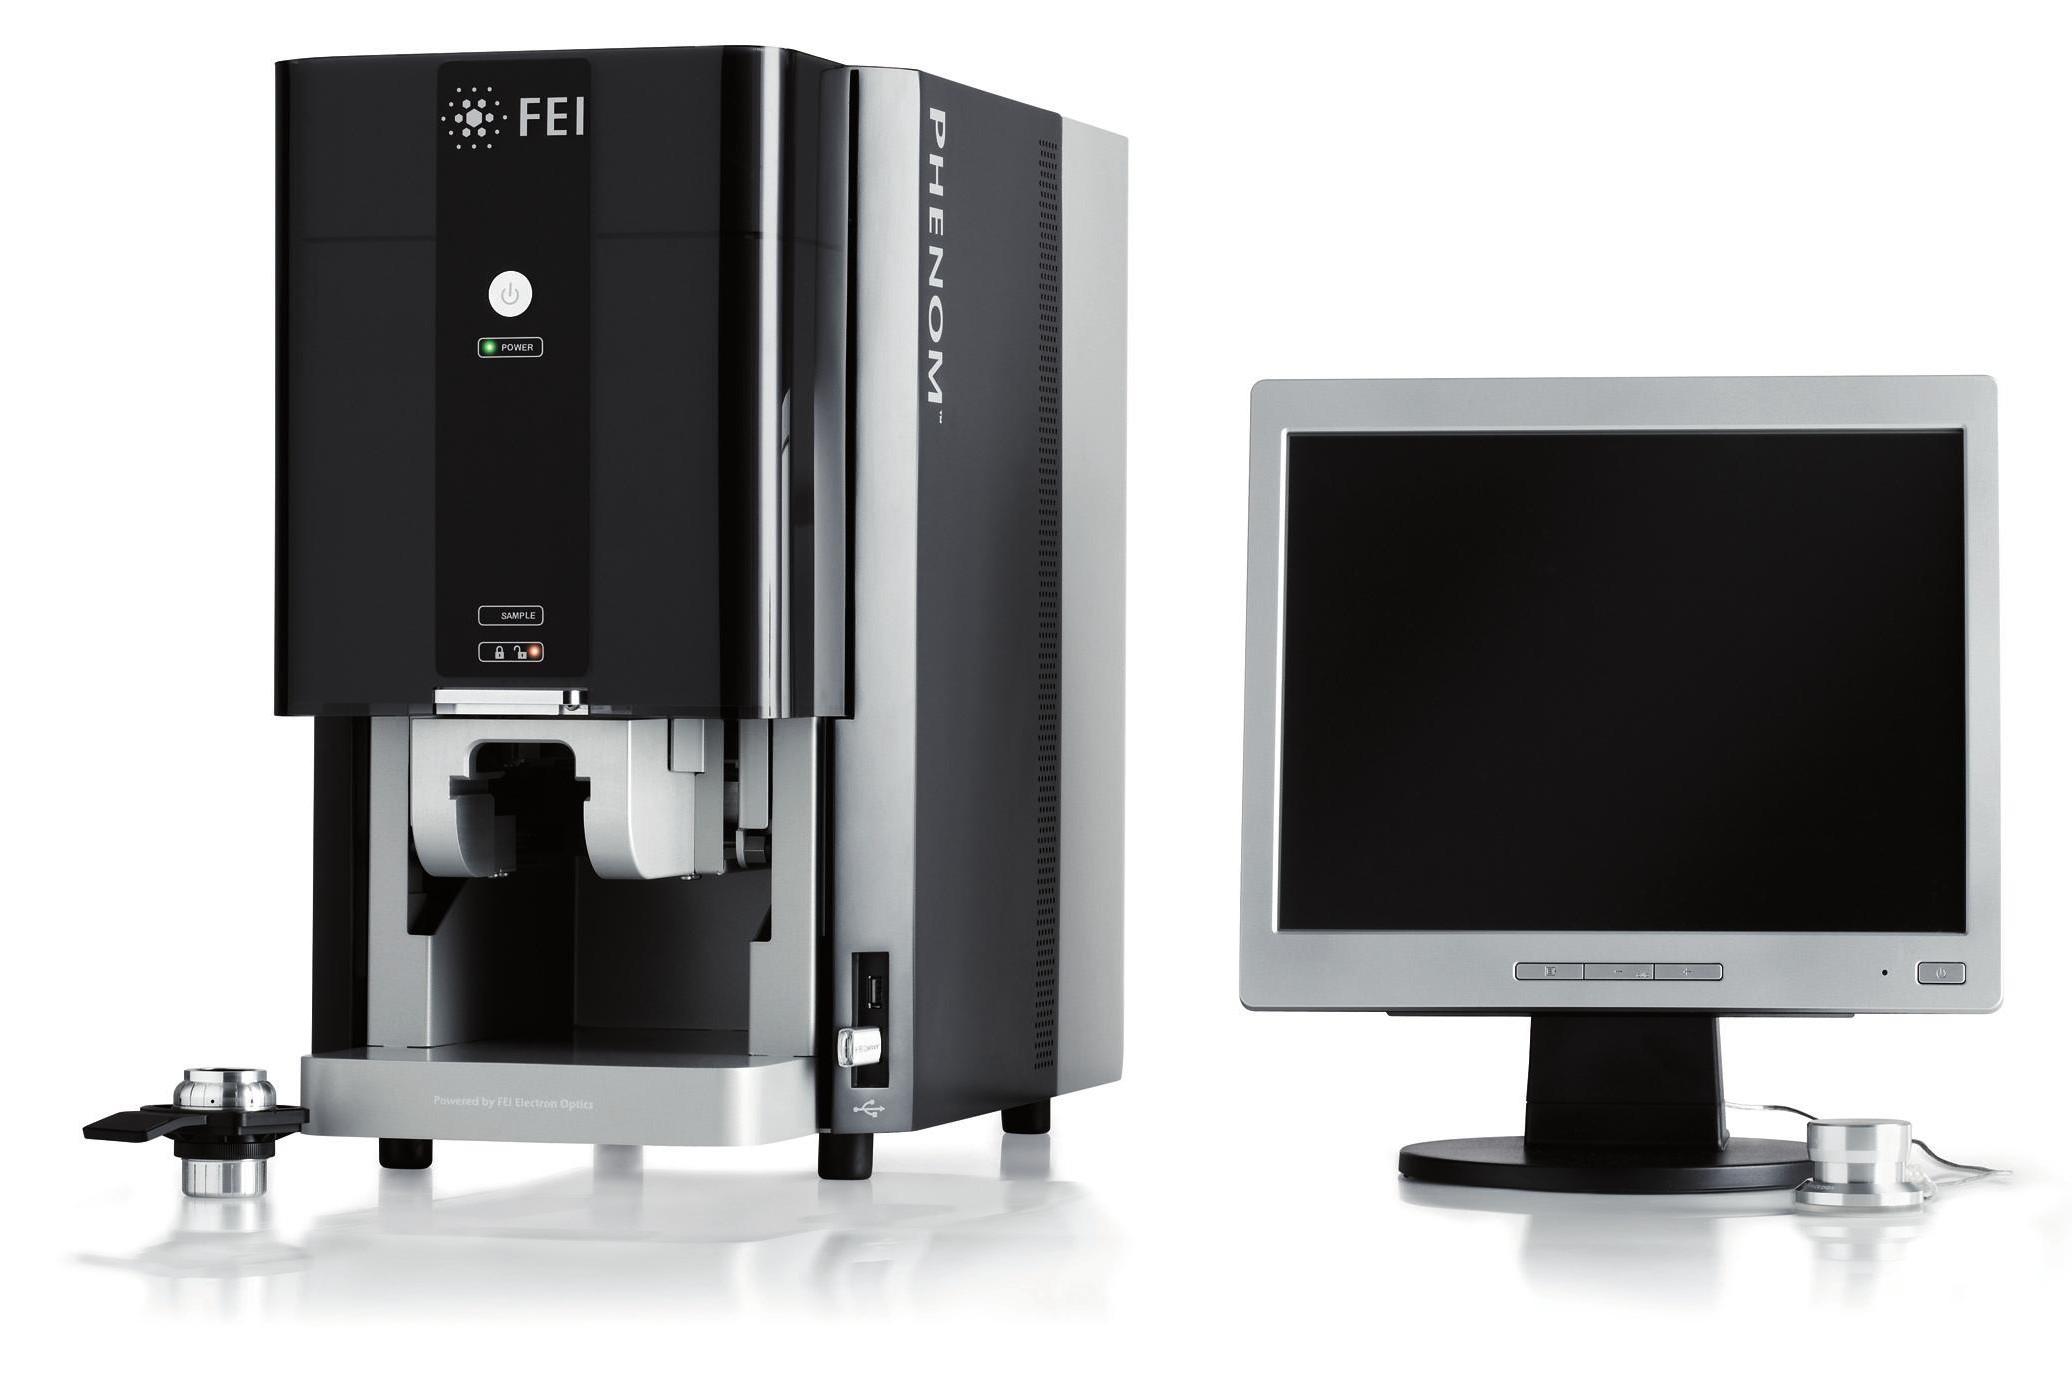 Phenom Elektronenmicroscoop